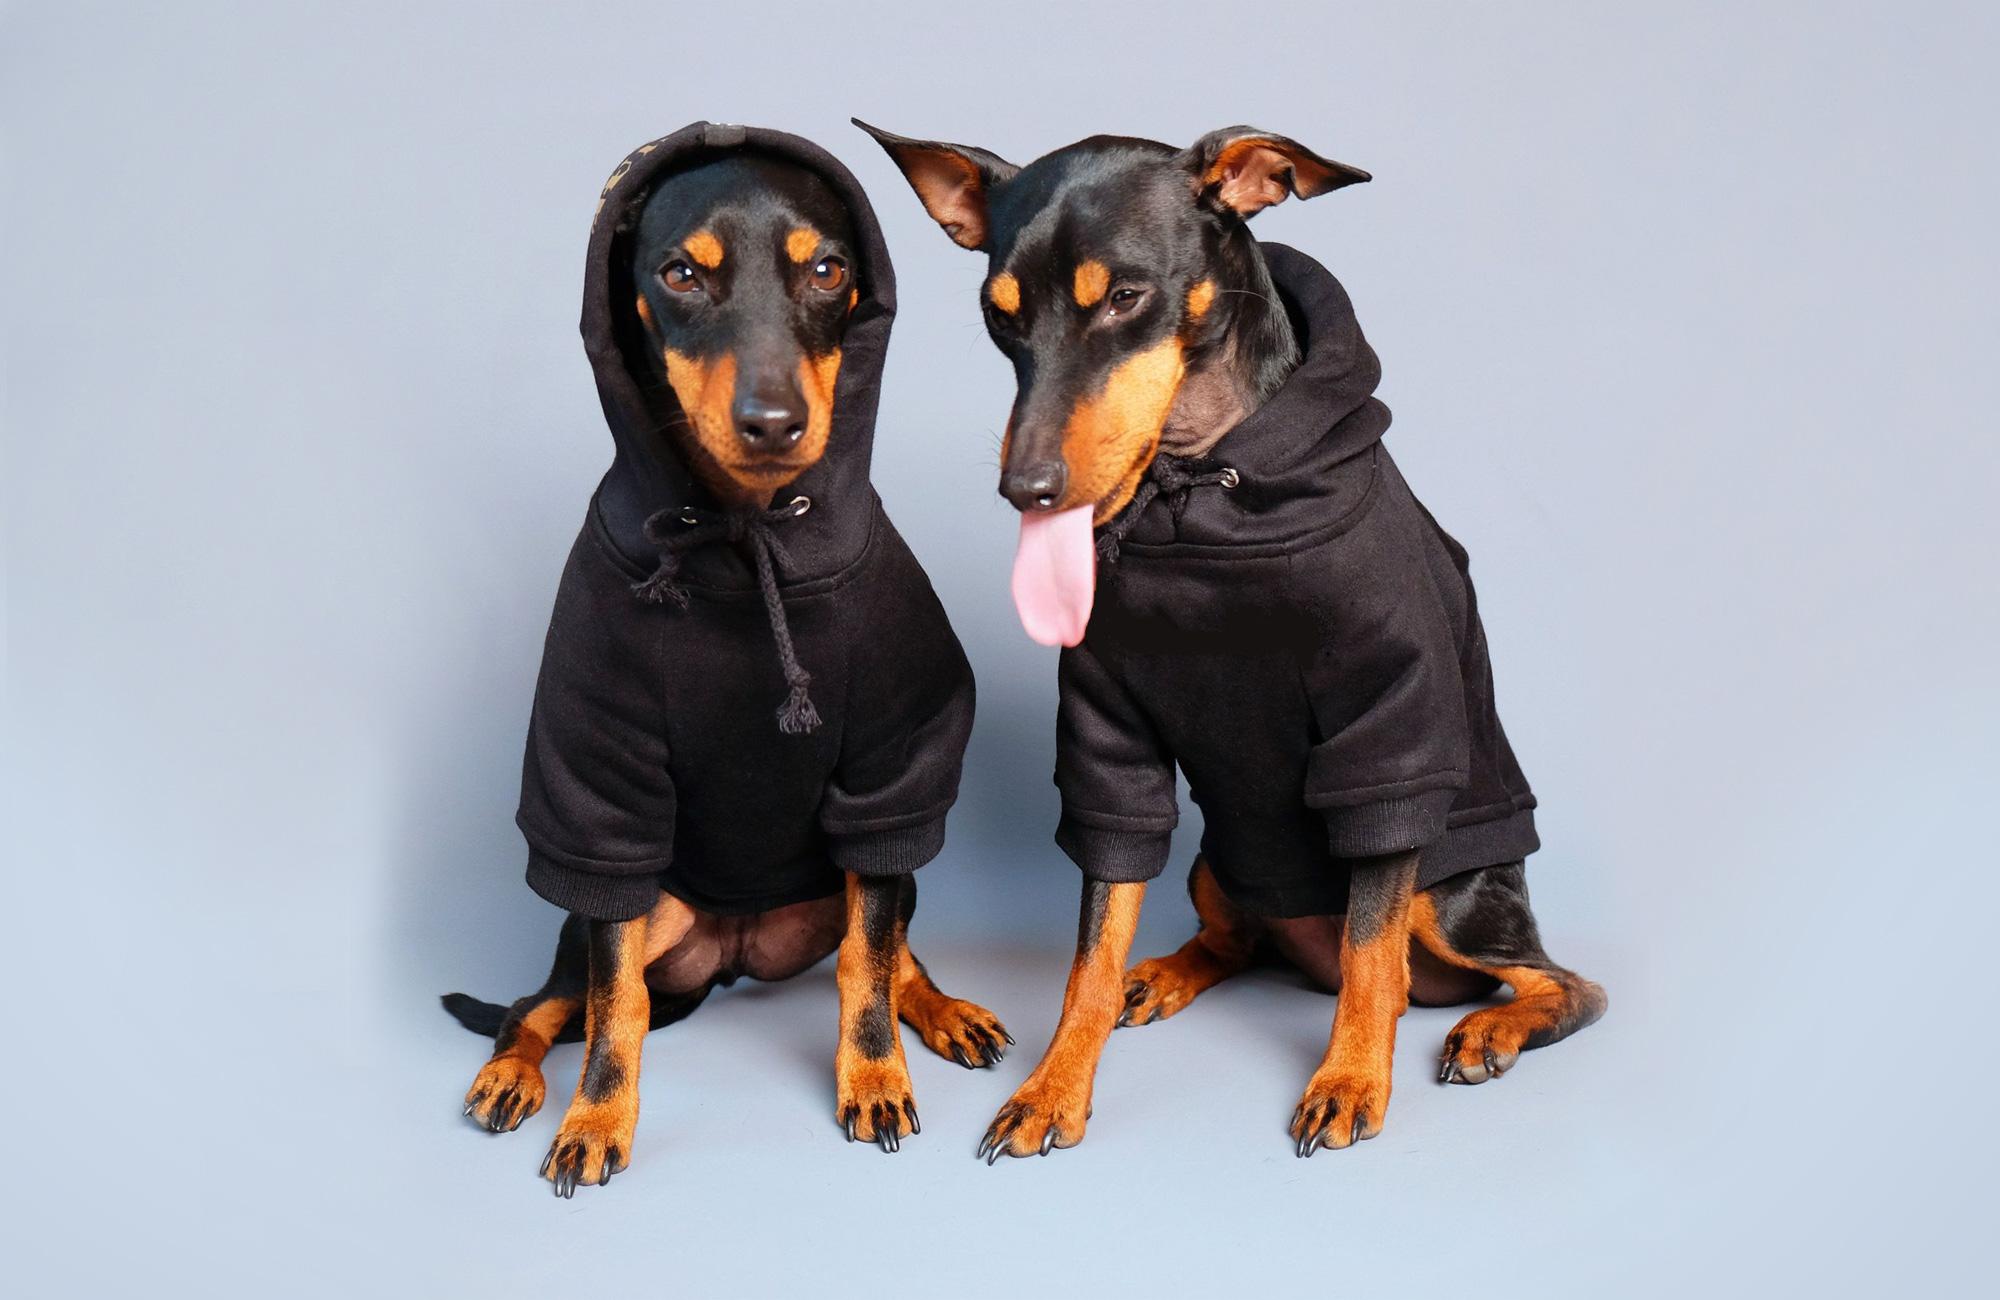 ニンジャパーカー | Ninja Dog Hoodie | Pethaus